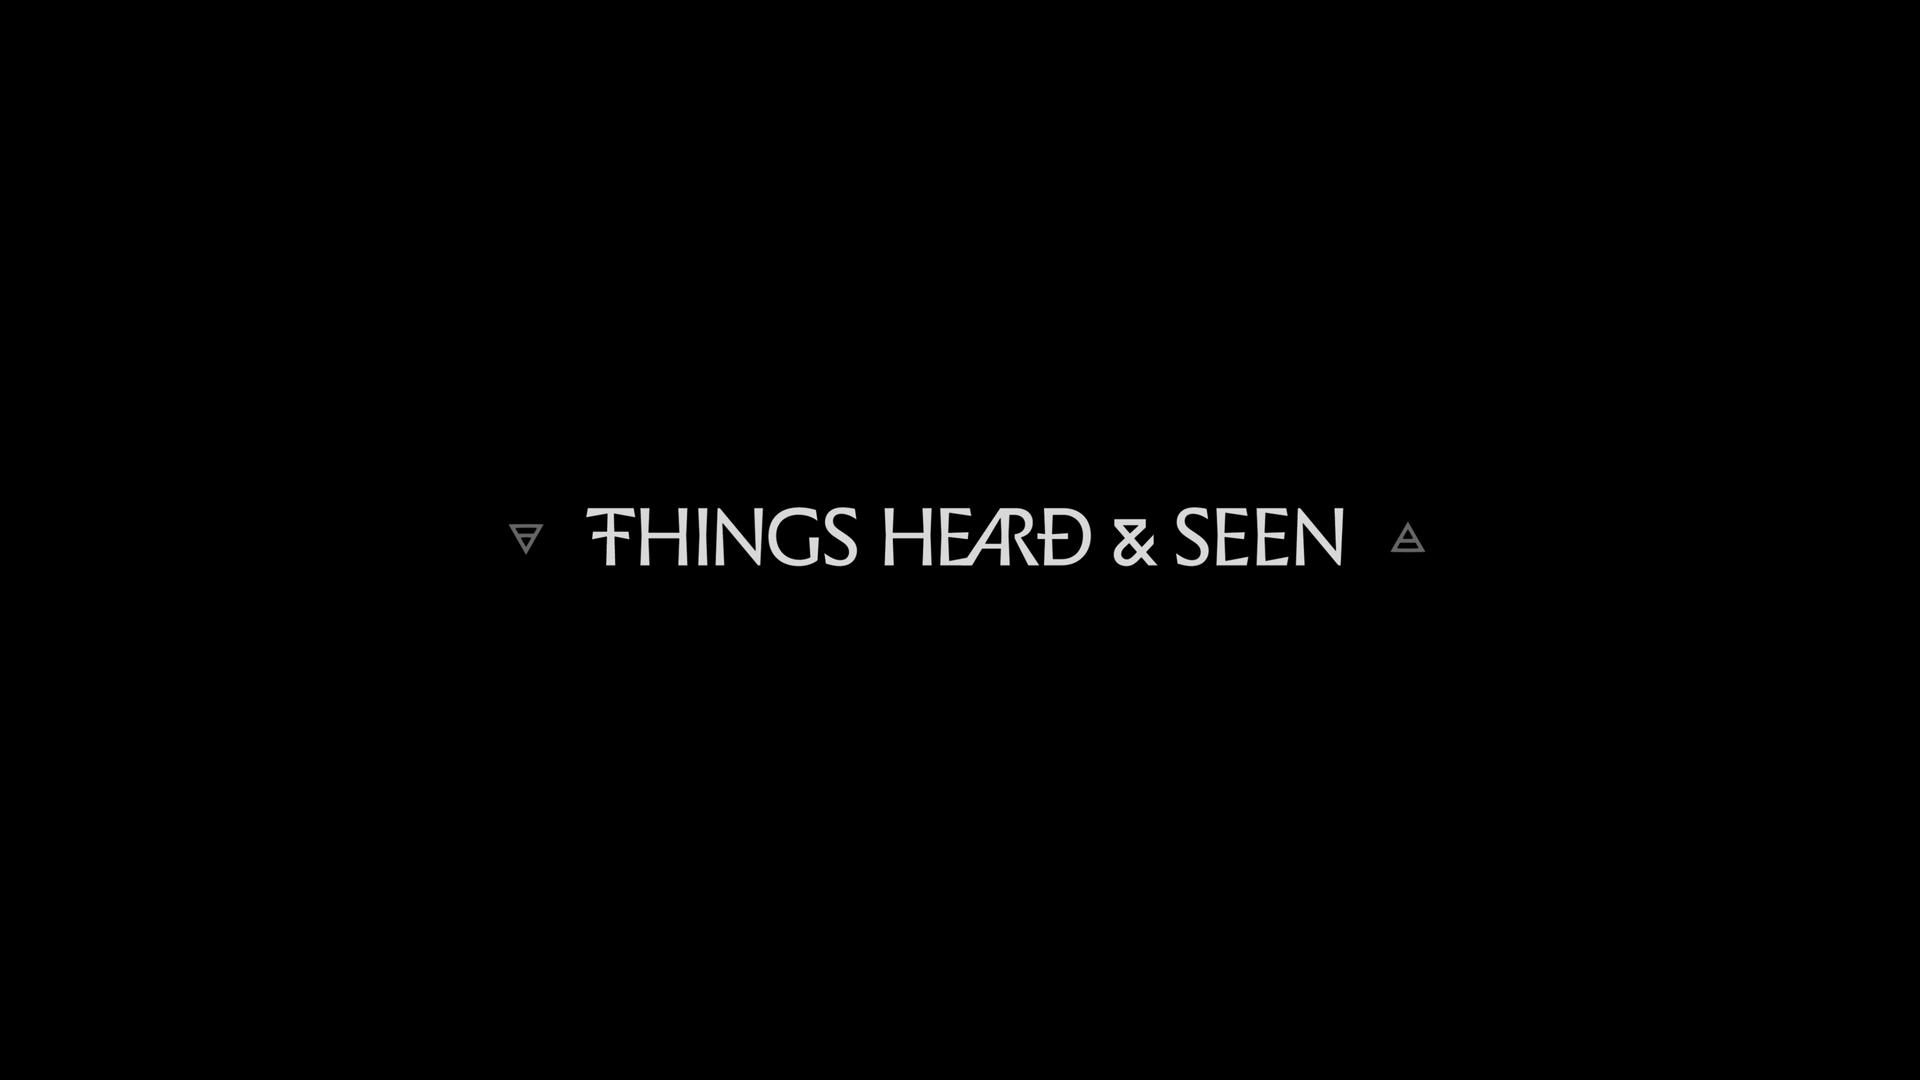 La apariencia de las cosas (2021) 1080p WEB-DL Latino